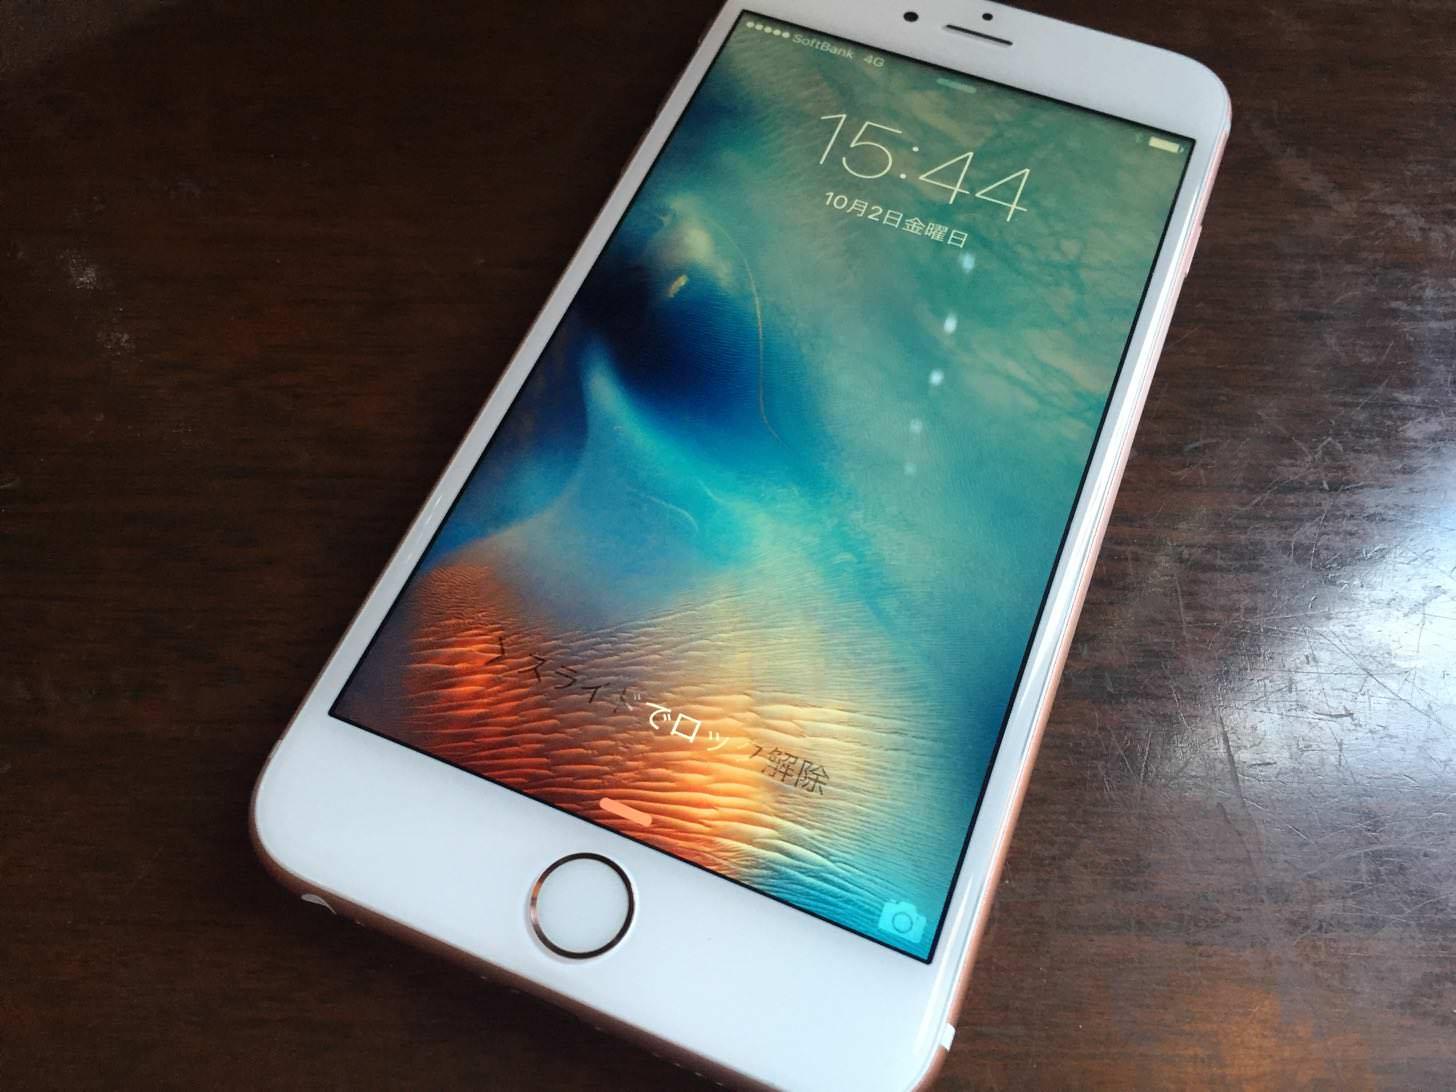 iPhone 6s Plus ローズゴールド 64GB